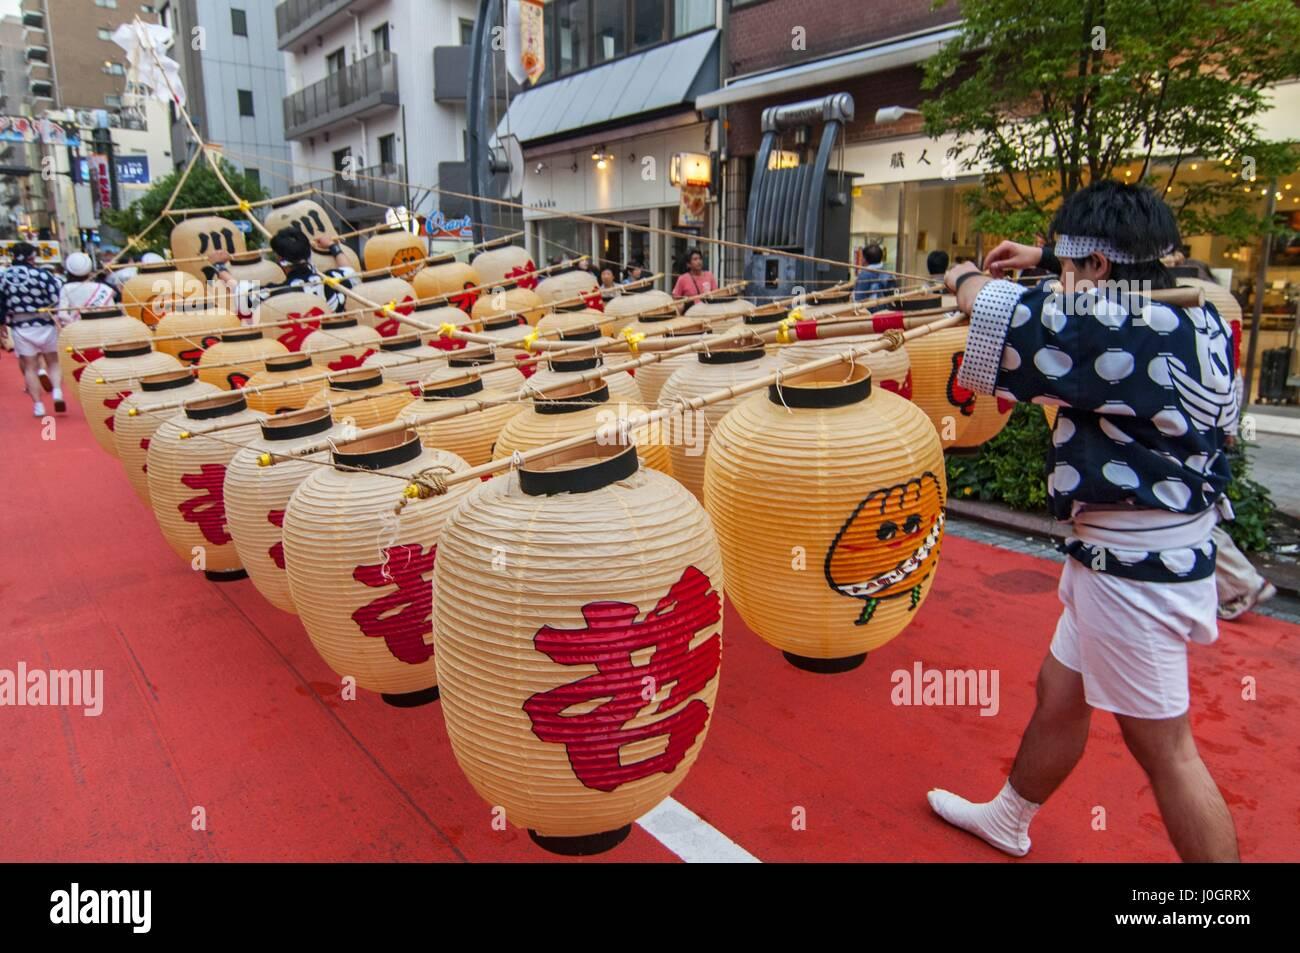 Lantern poles weighing up to 60 kilograms are balanced during the Kanto Matsuri festival in Akita Tokyo Japan - Stock Image